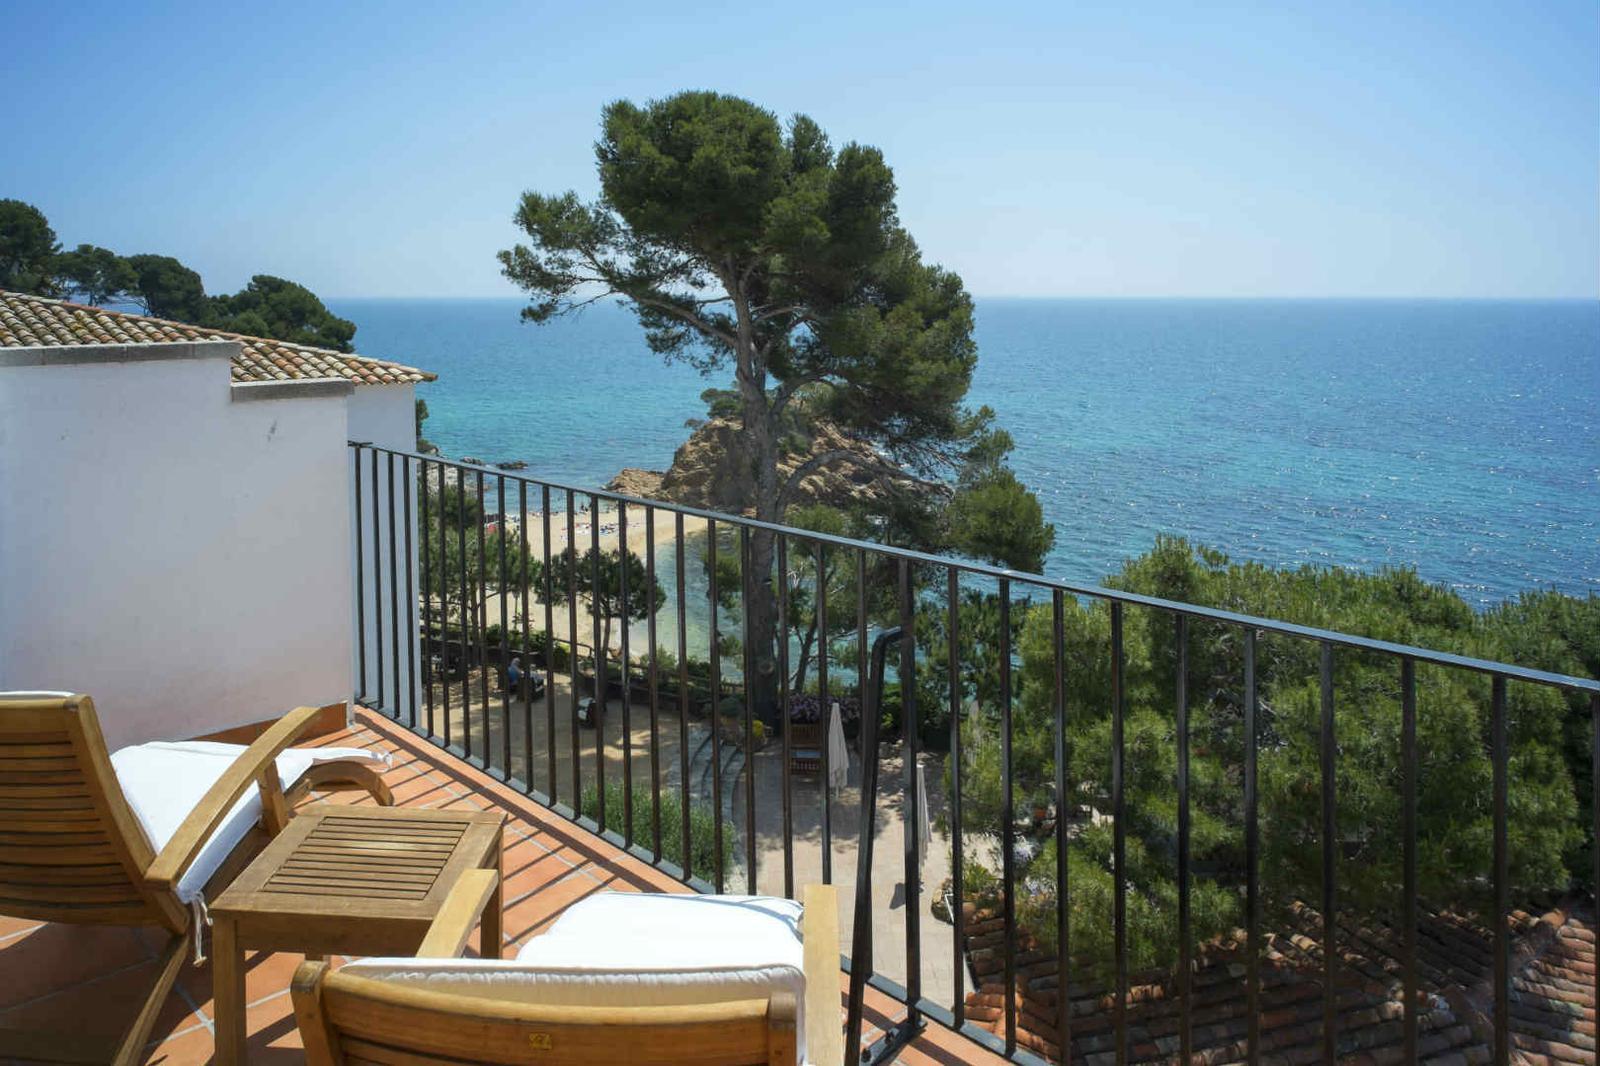 Terraza con vistas al mar en el hotel Silken San Jorge en Costa Brava